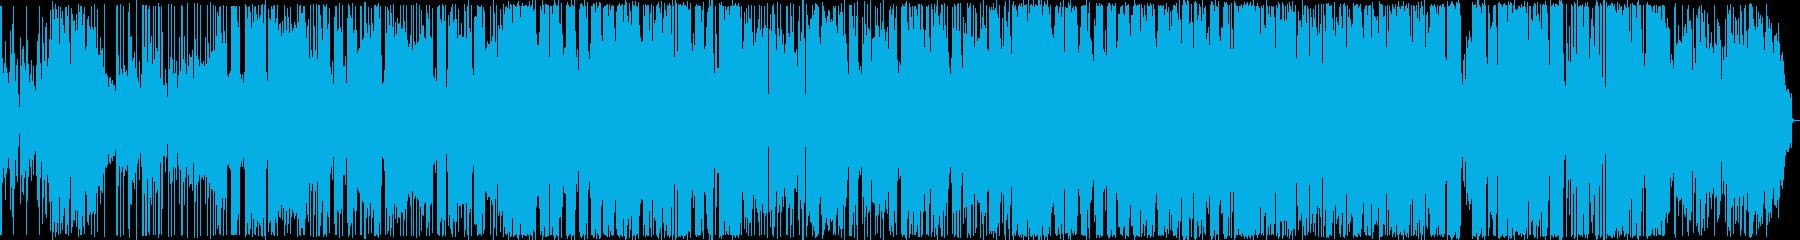 オリエンタルな雰囲気のR&Bバラードの再生済みの波形